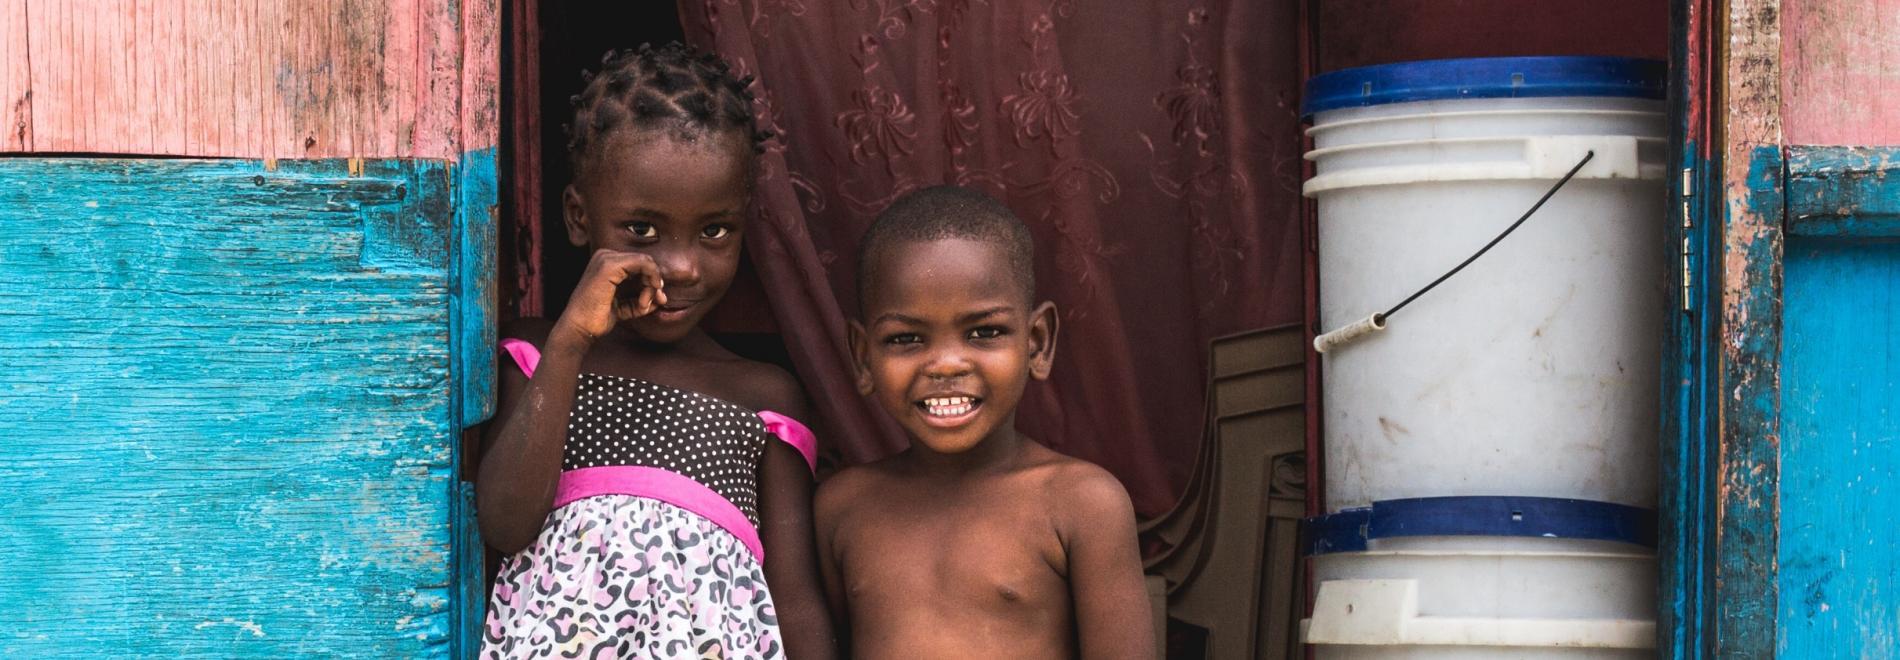 In Haiti legt Ärzte der Welt ein besonderes Augenmerk auf die Versorgung von Frauen und Kindern. Foto: Mikael Theimer